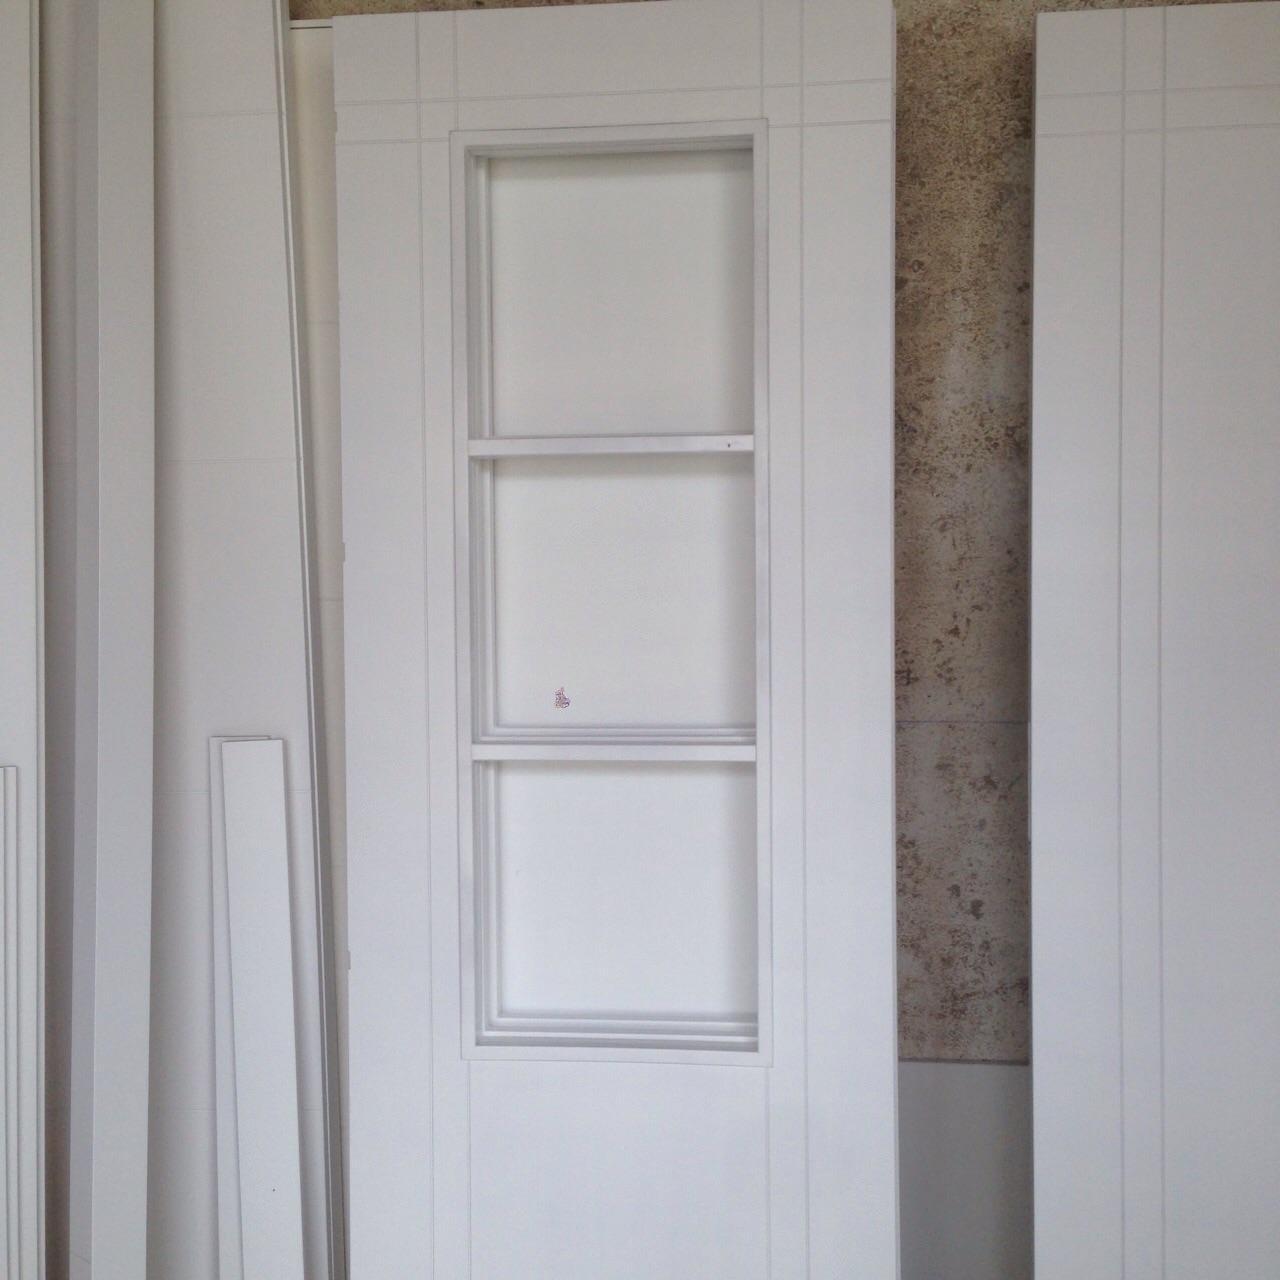 Puertas lacadas en blanco economicas en granada carpinteria movidecor granada - Puertas lacadas en blanco opiniones ...